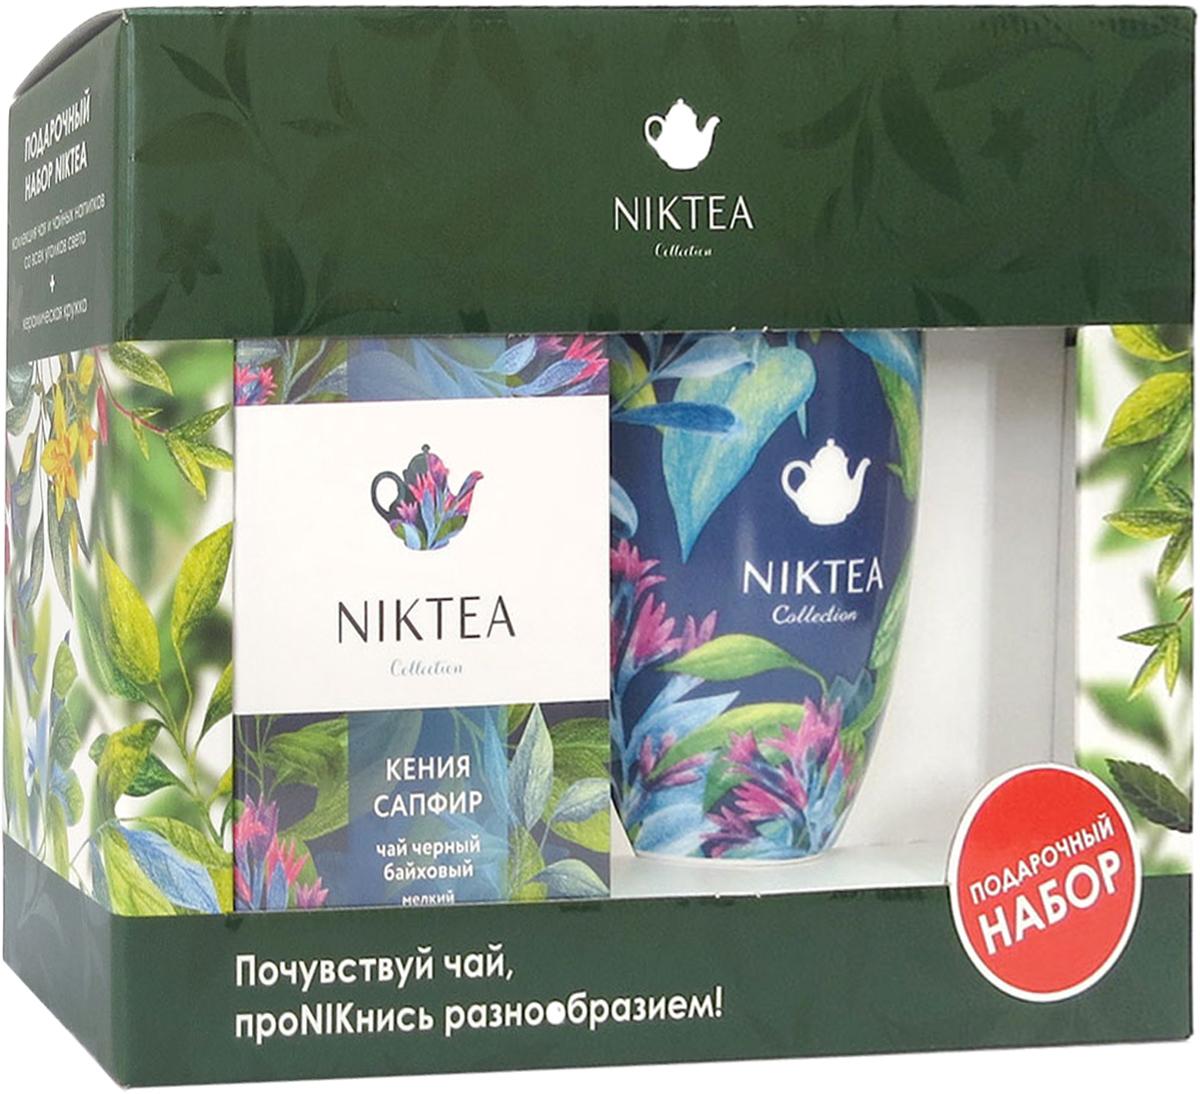 Niktea подарочный набор с пакетированным чаем Кения Сапфир, 25 шт и синей кружкойANIKT0-000010